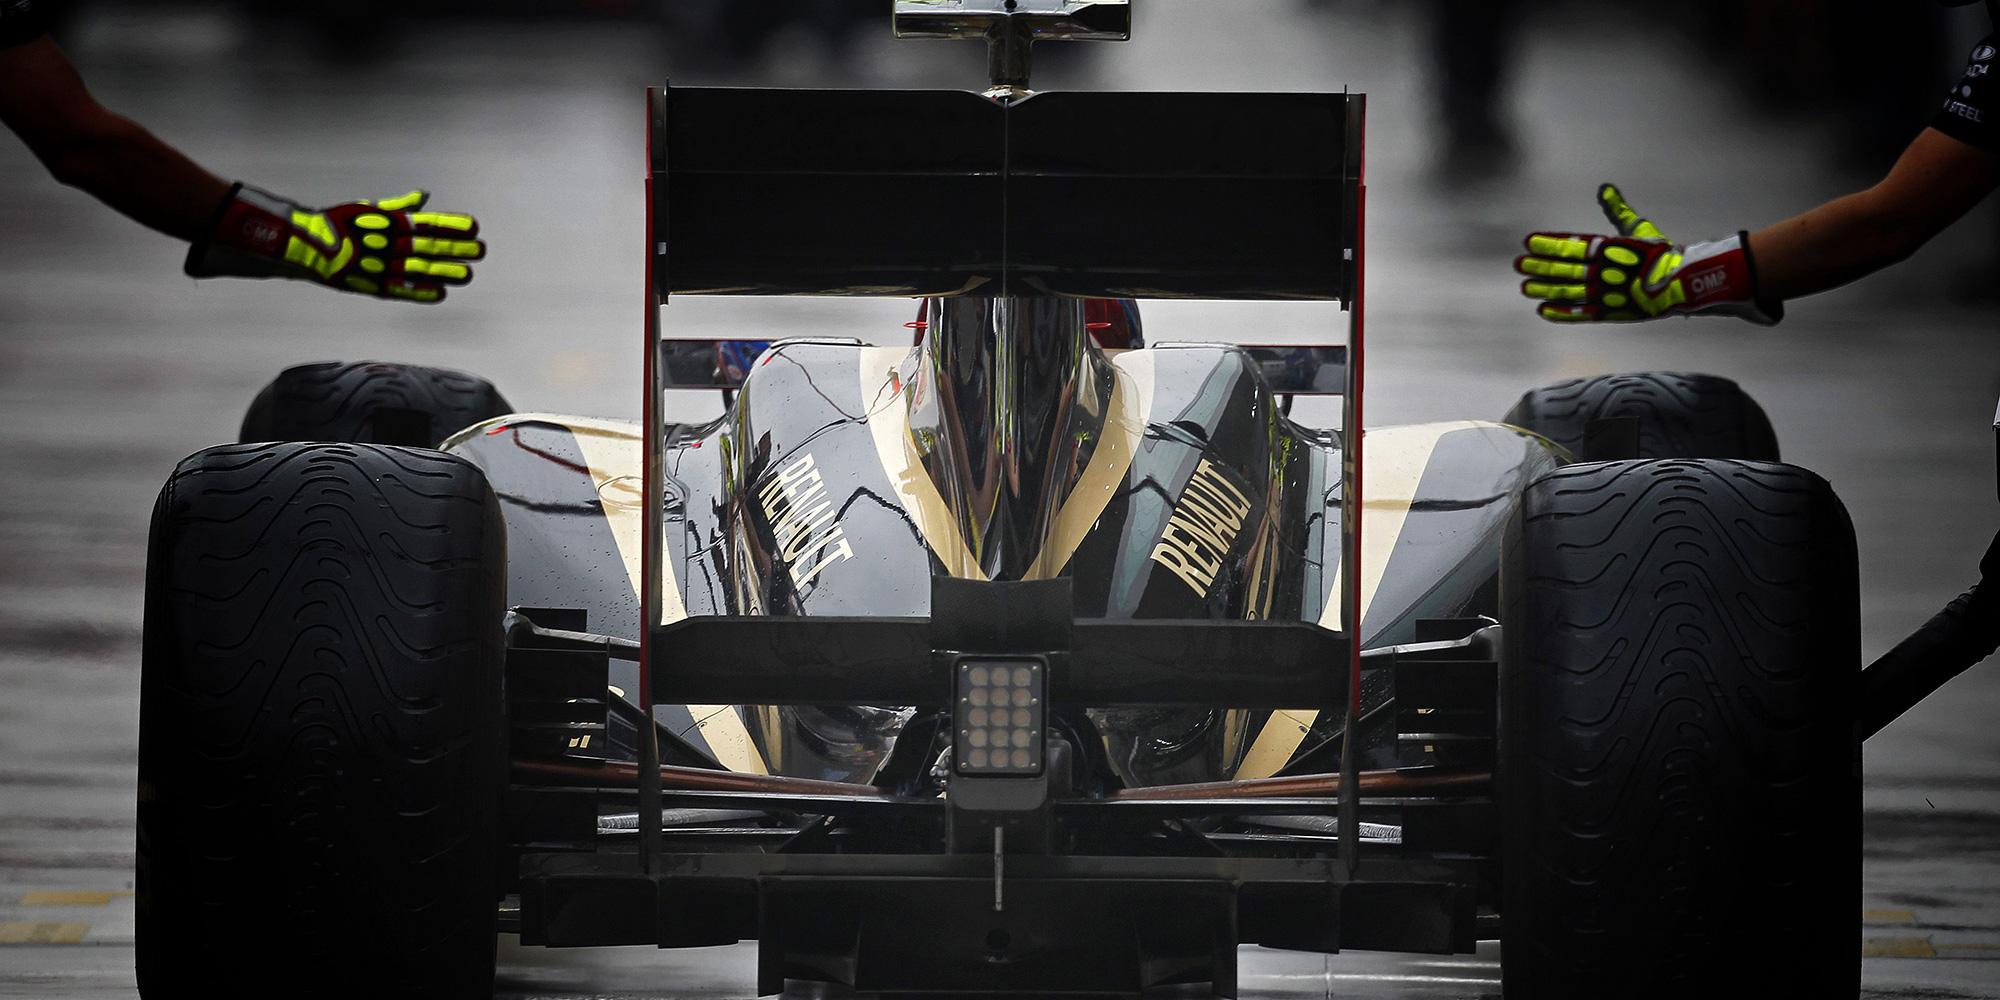 F1-Comeback: Renault startet 2016 mit eigenem Werksteam